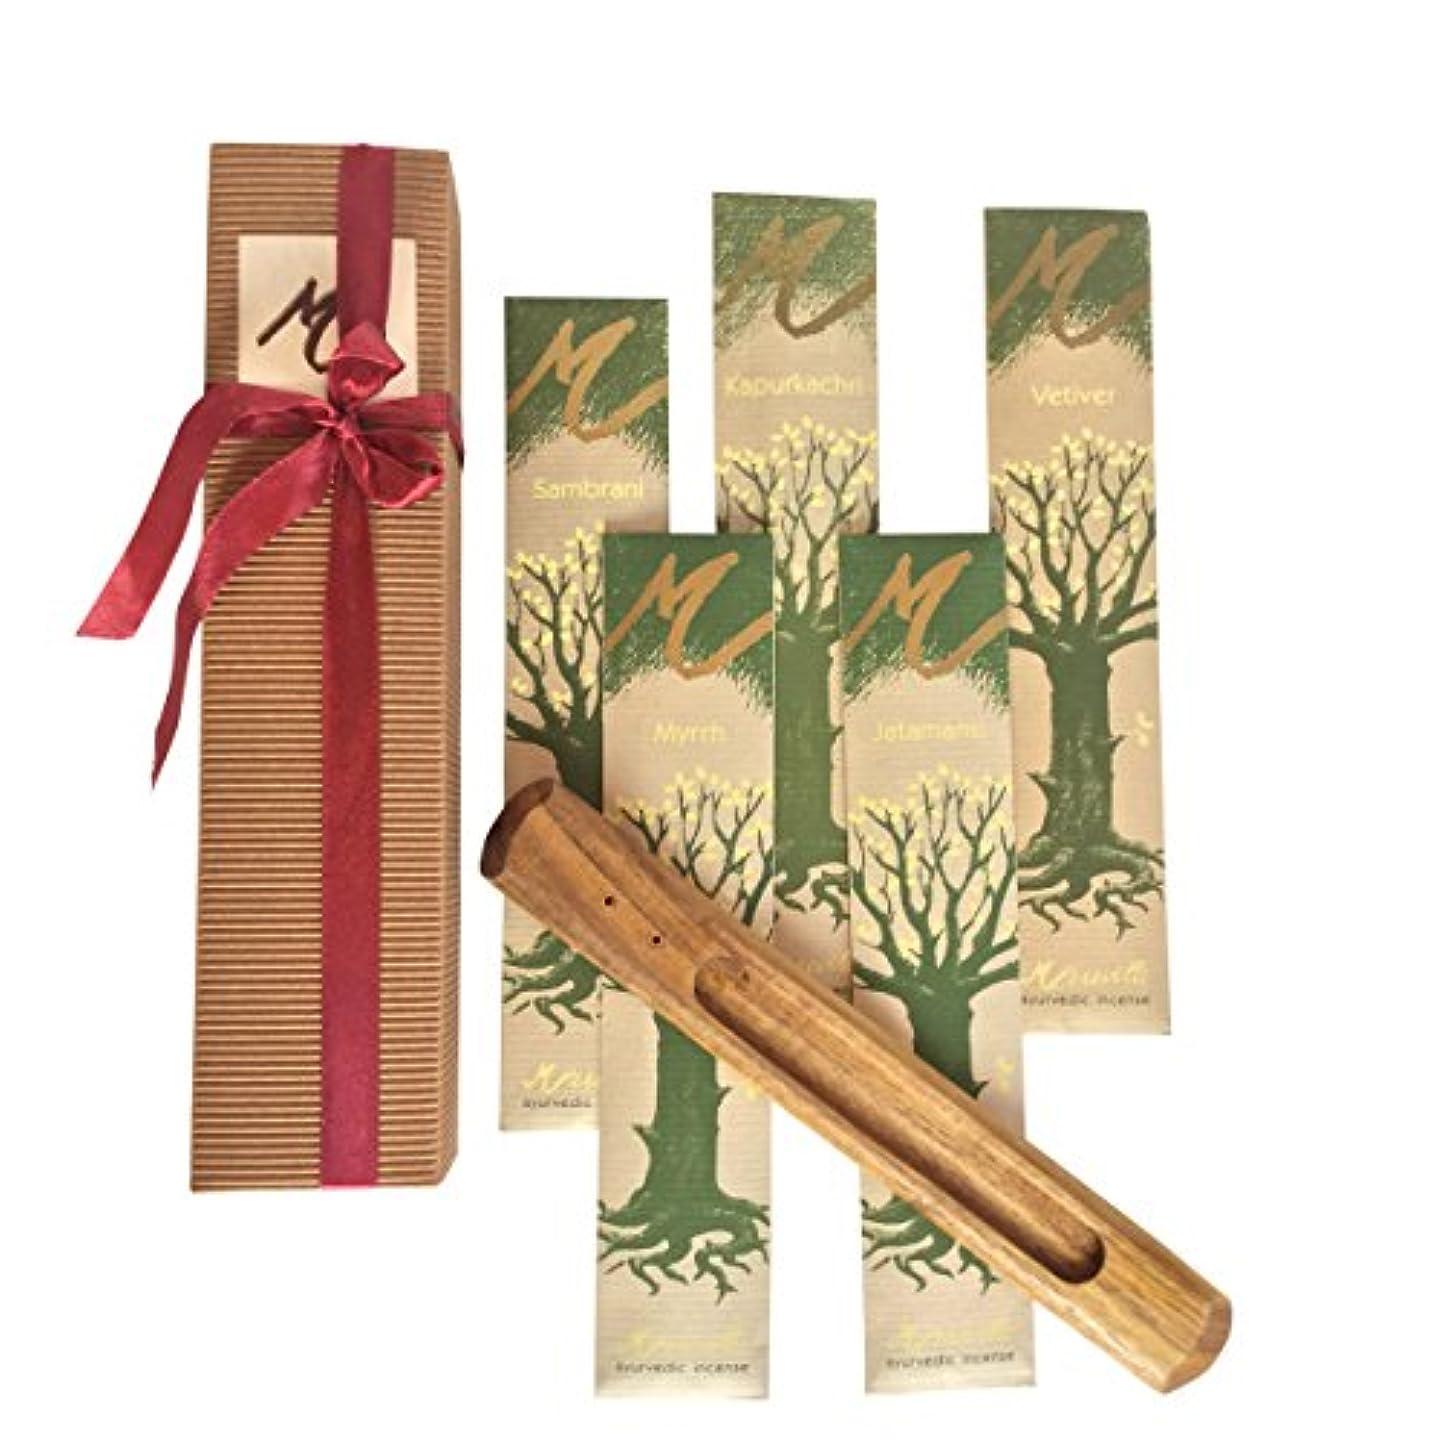 長いです接続詞天のプレミアムIncense Sticks , Ayurvedic Aromaticお香ギフトセットボックスには5種類のお香( Jatamansi、kapurkachuri、Myrrh、ベチバー、Sambrani )と木製スティックホルダー...